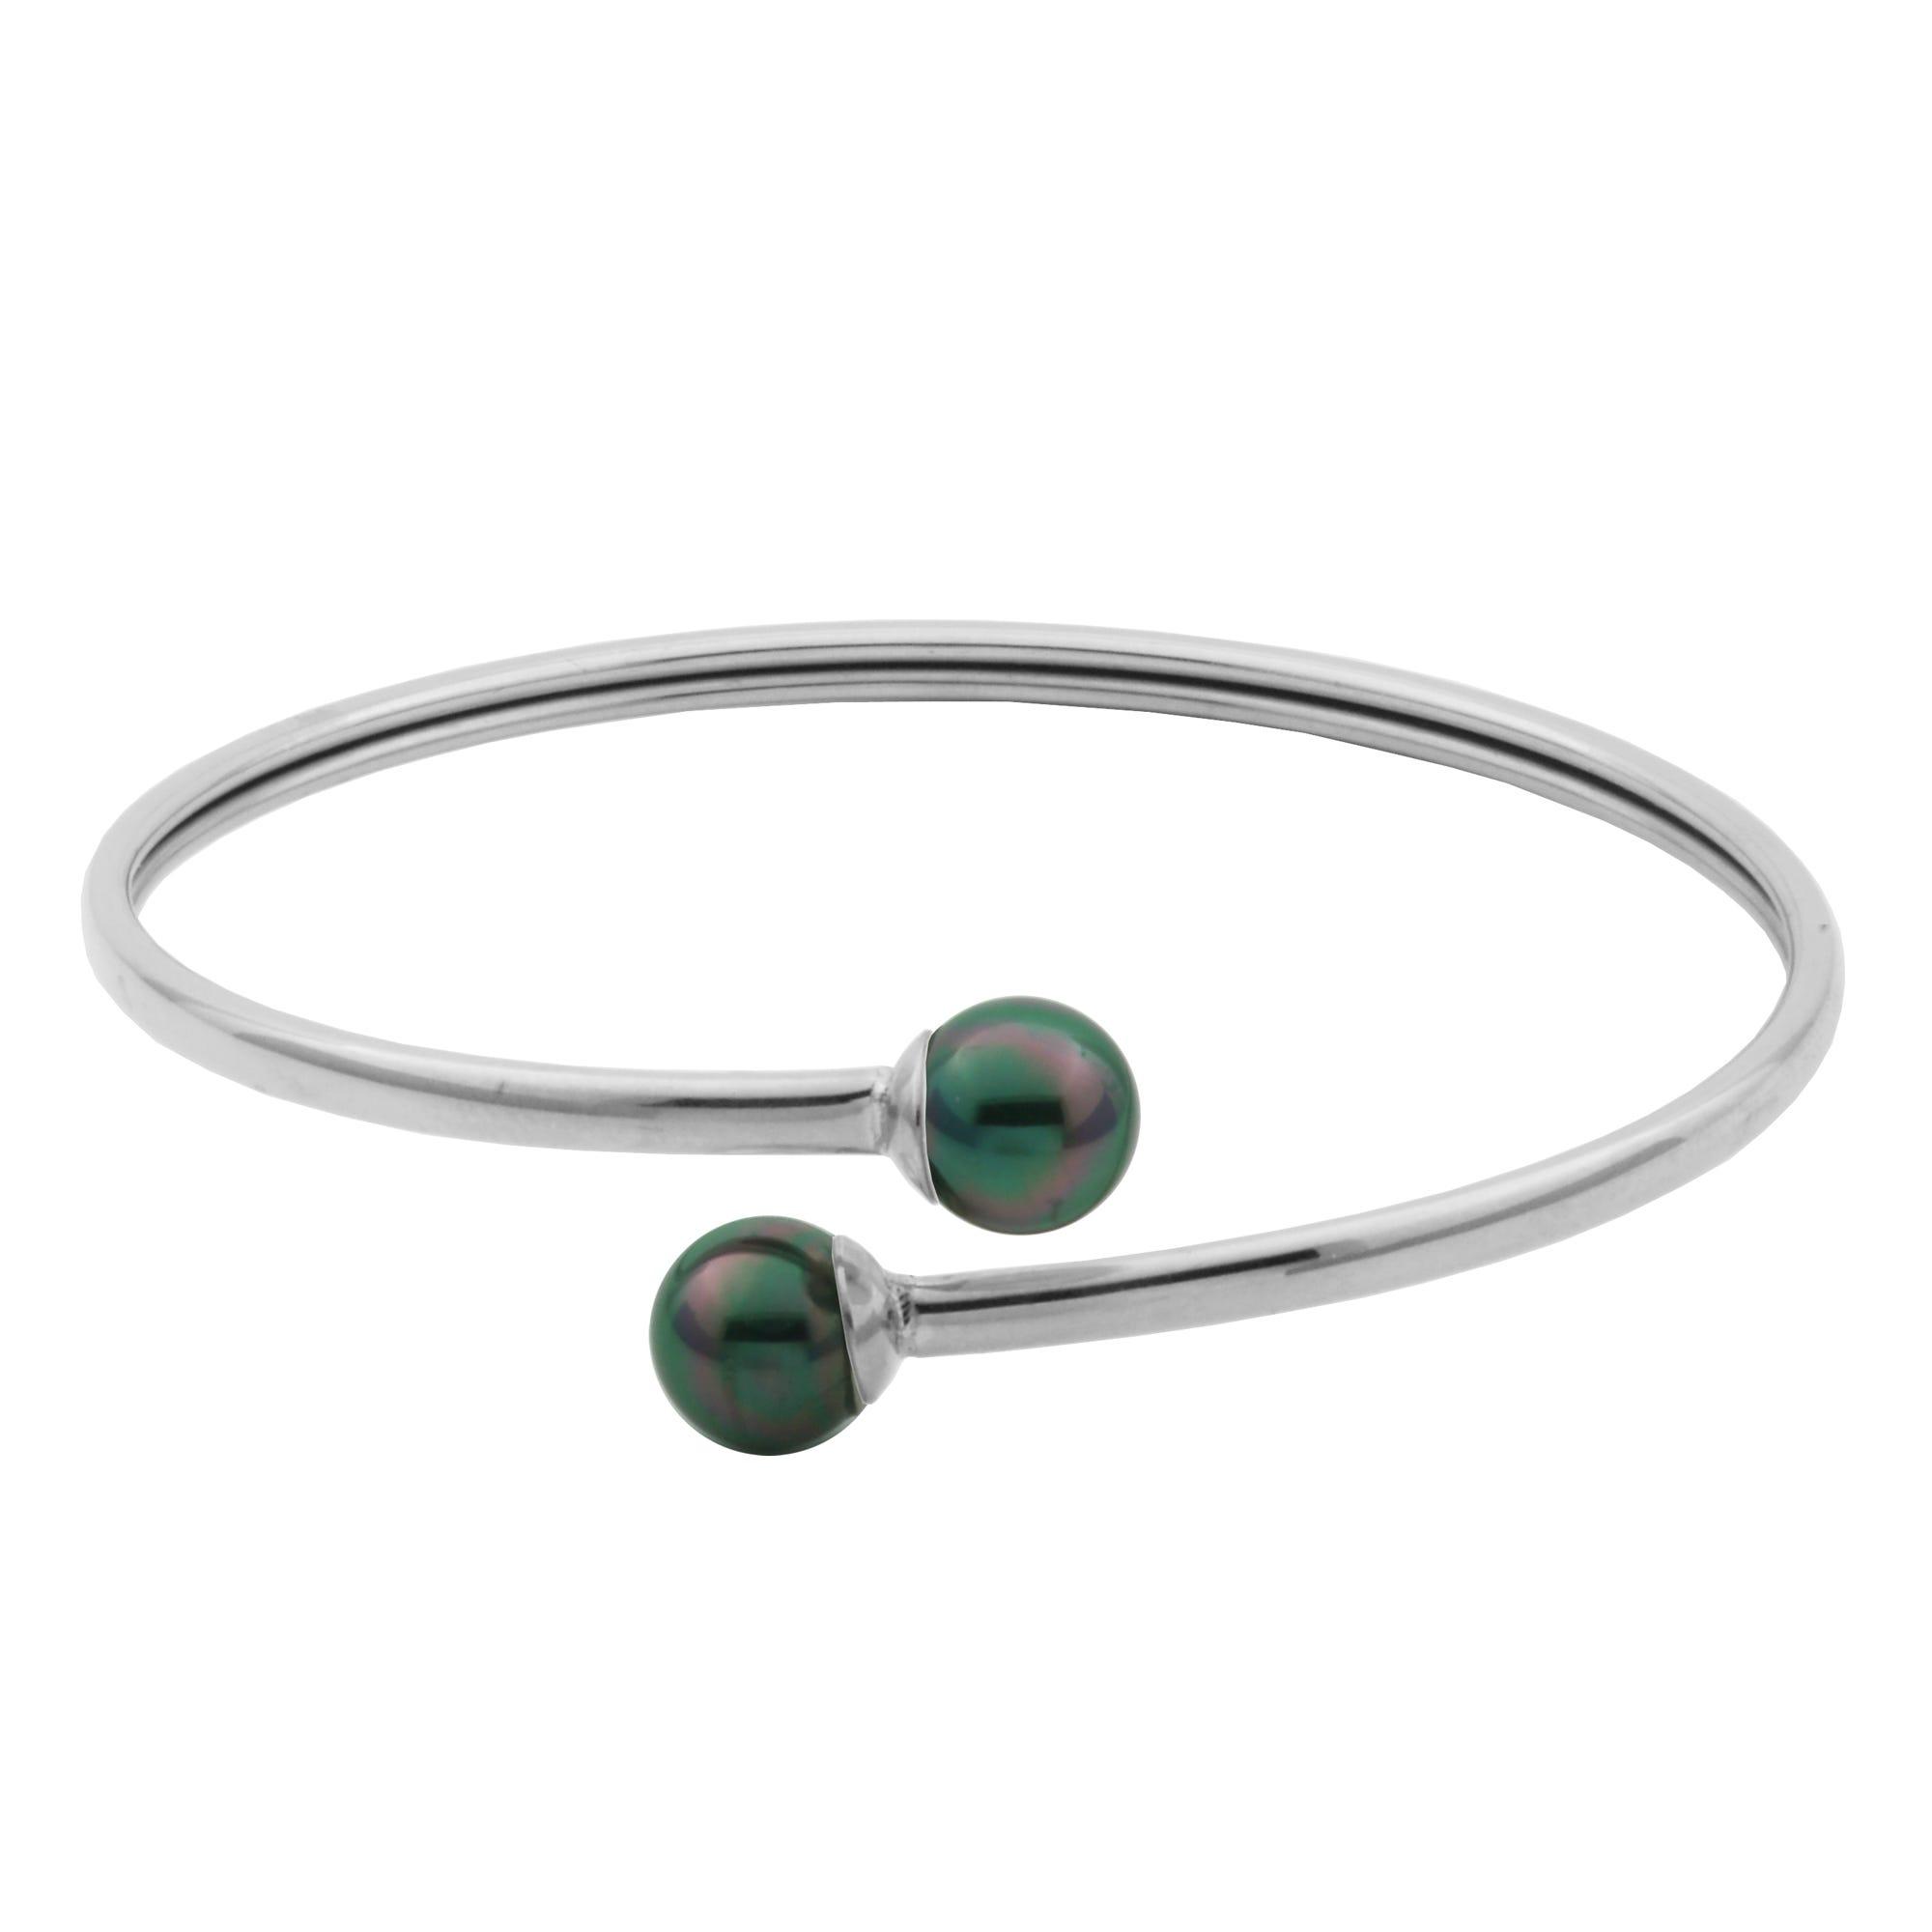 Double Grey Pearl Flexible Open Bangle Bracelet